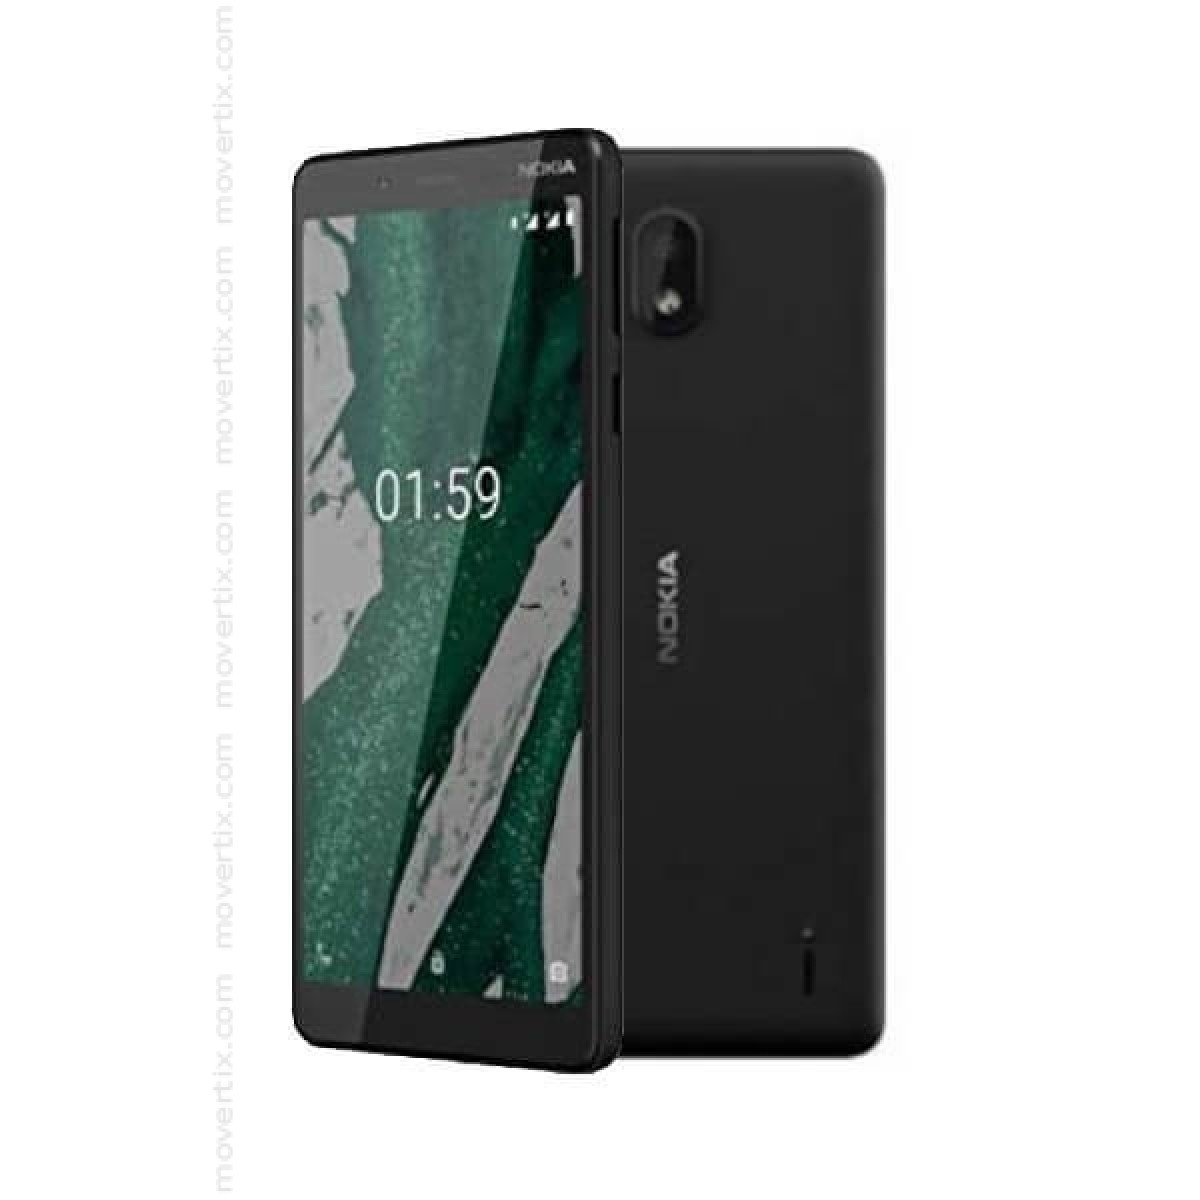 Nokia 1 Plus Dual SIM Black 8GB and 1GB RAM (6438409028617) | Movertix Mobile Phones Shop